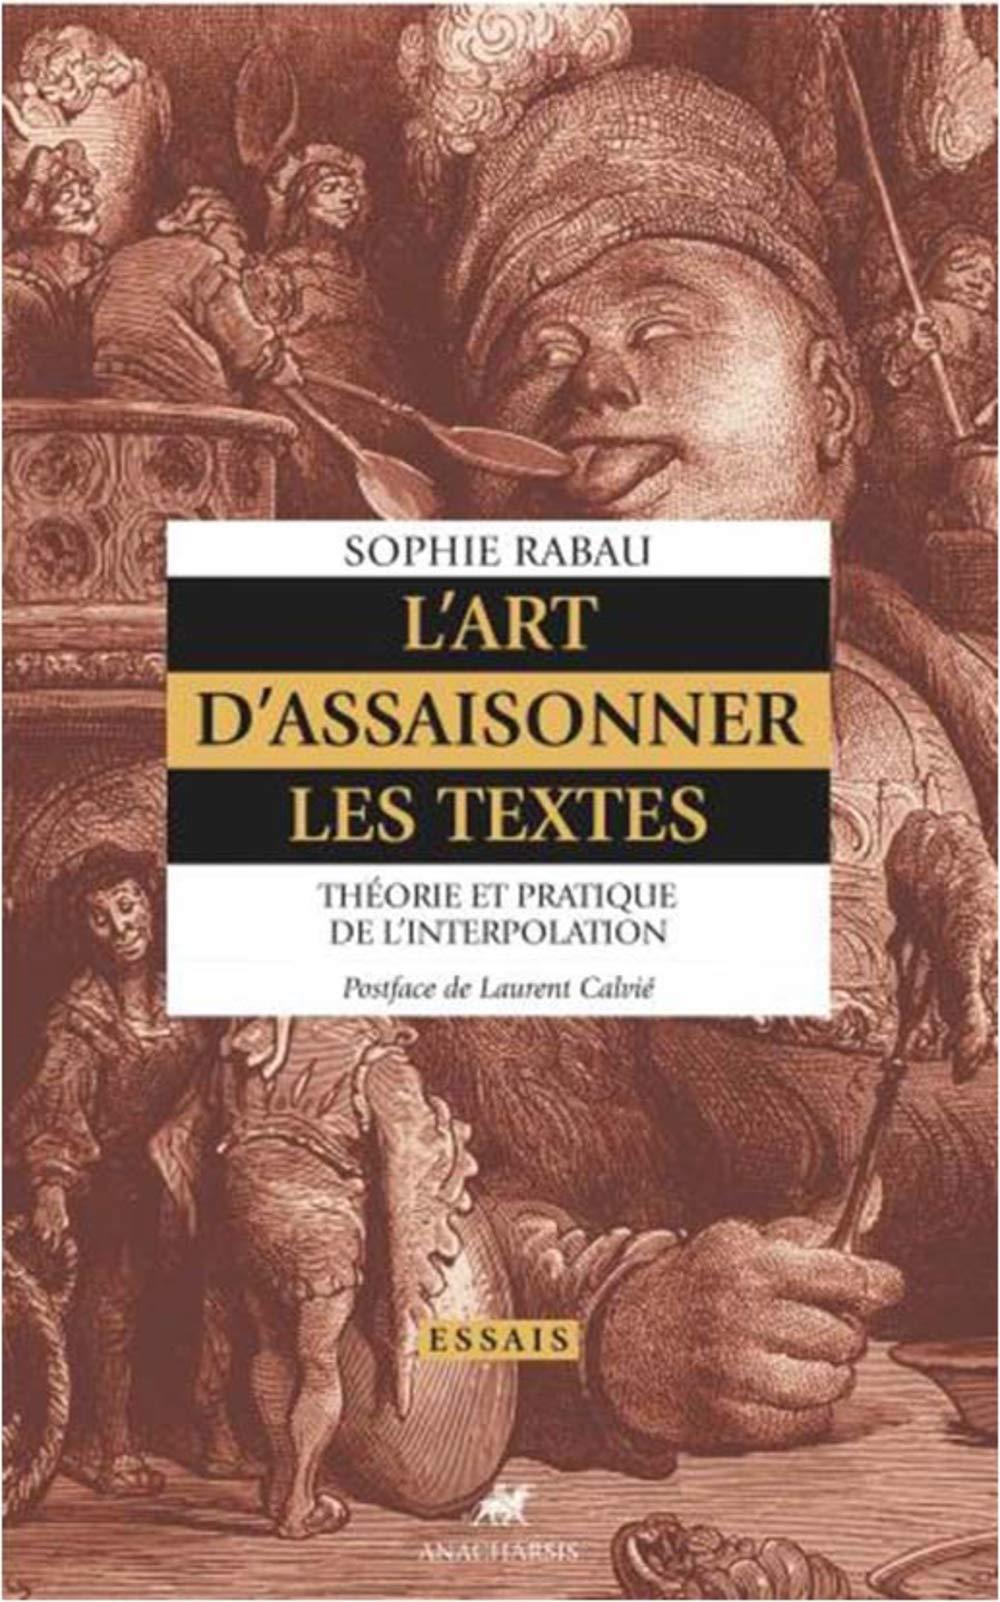 S. Rabau, L'art d'assaisonner les textes. Théorie et pratique de l'interpolation